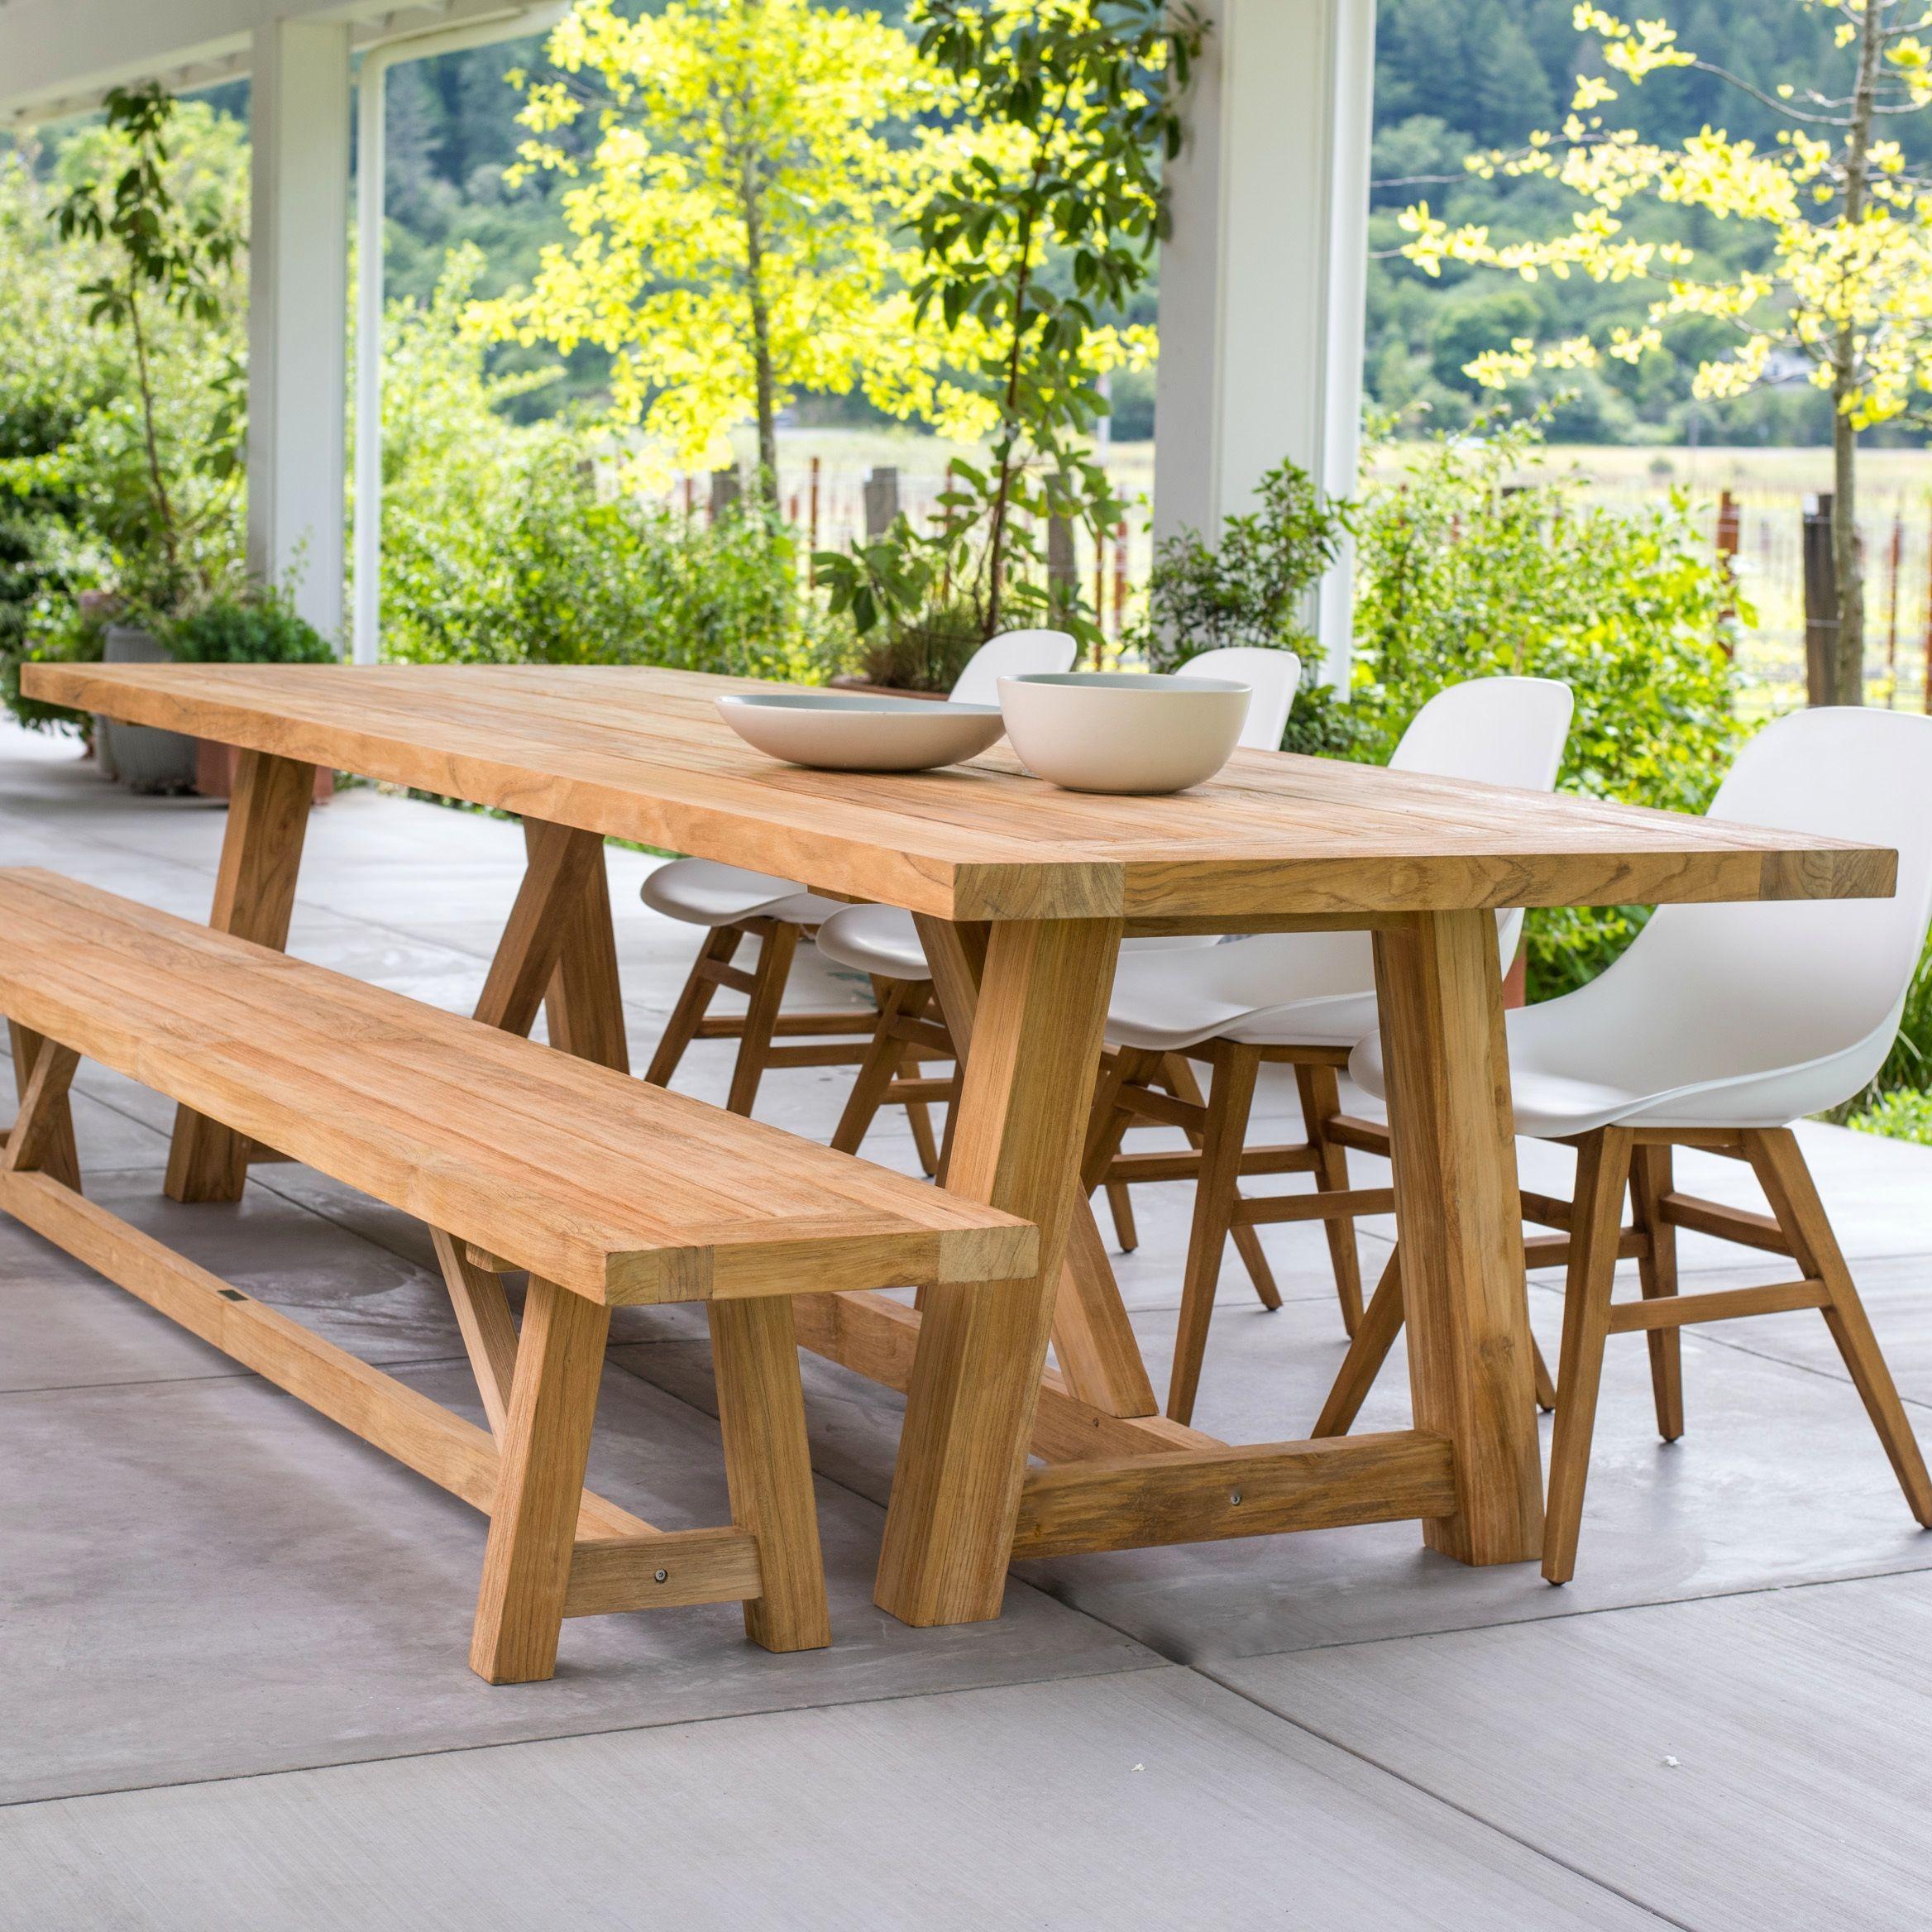 Vintage Beam Table In Teak Outdoor Wood Furniture Teak Outdoor